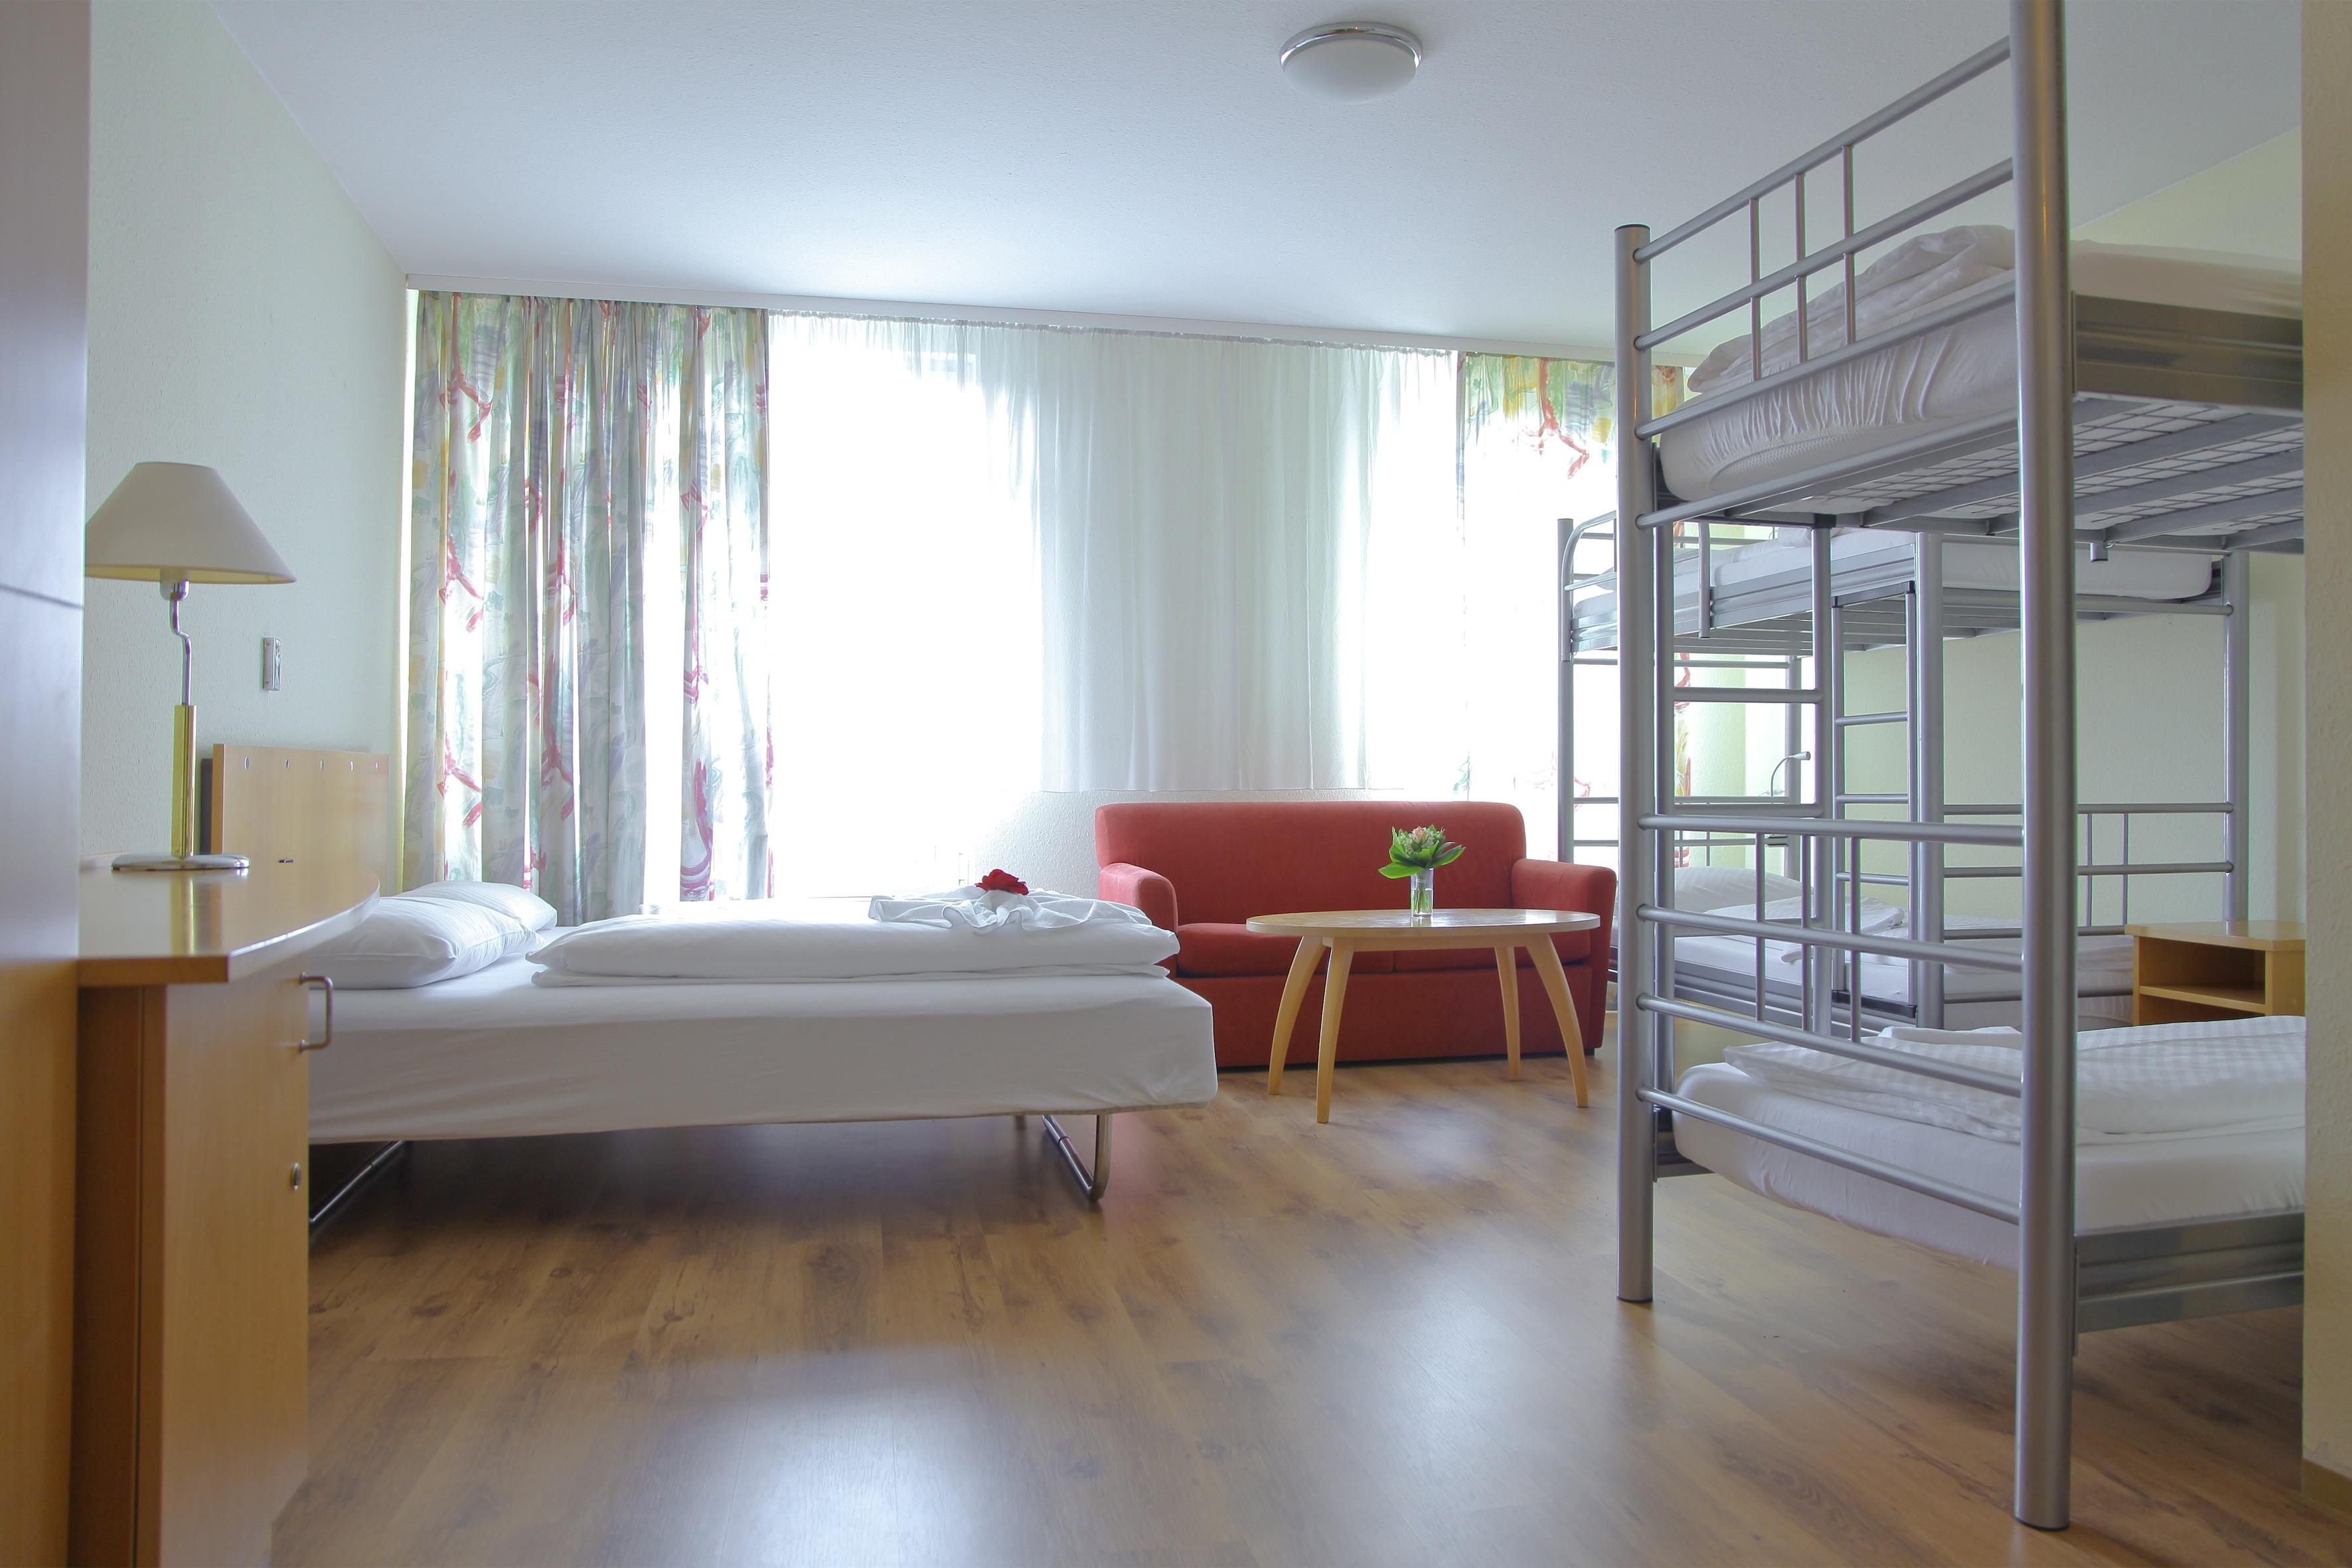 Спальня в однокомнатной квартире для семьи